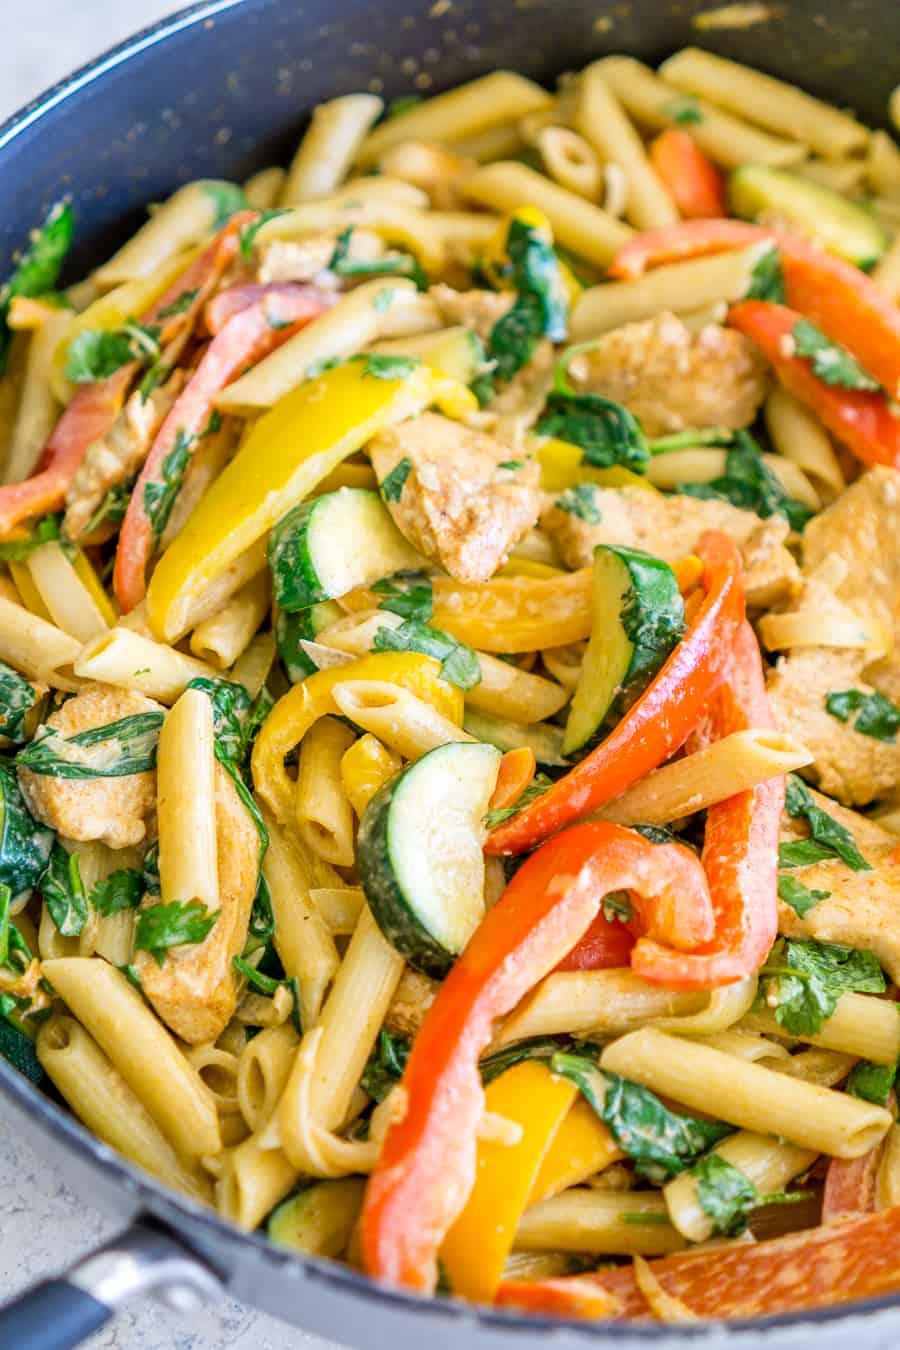 creamy chicken fajita pasta in a skillet